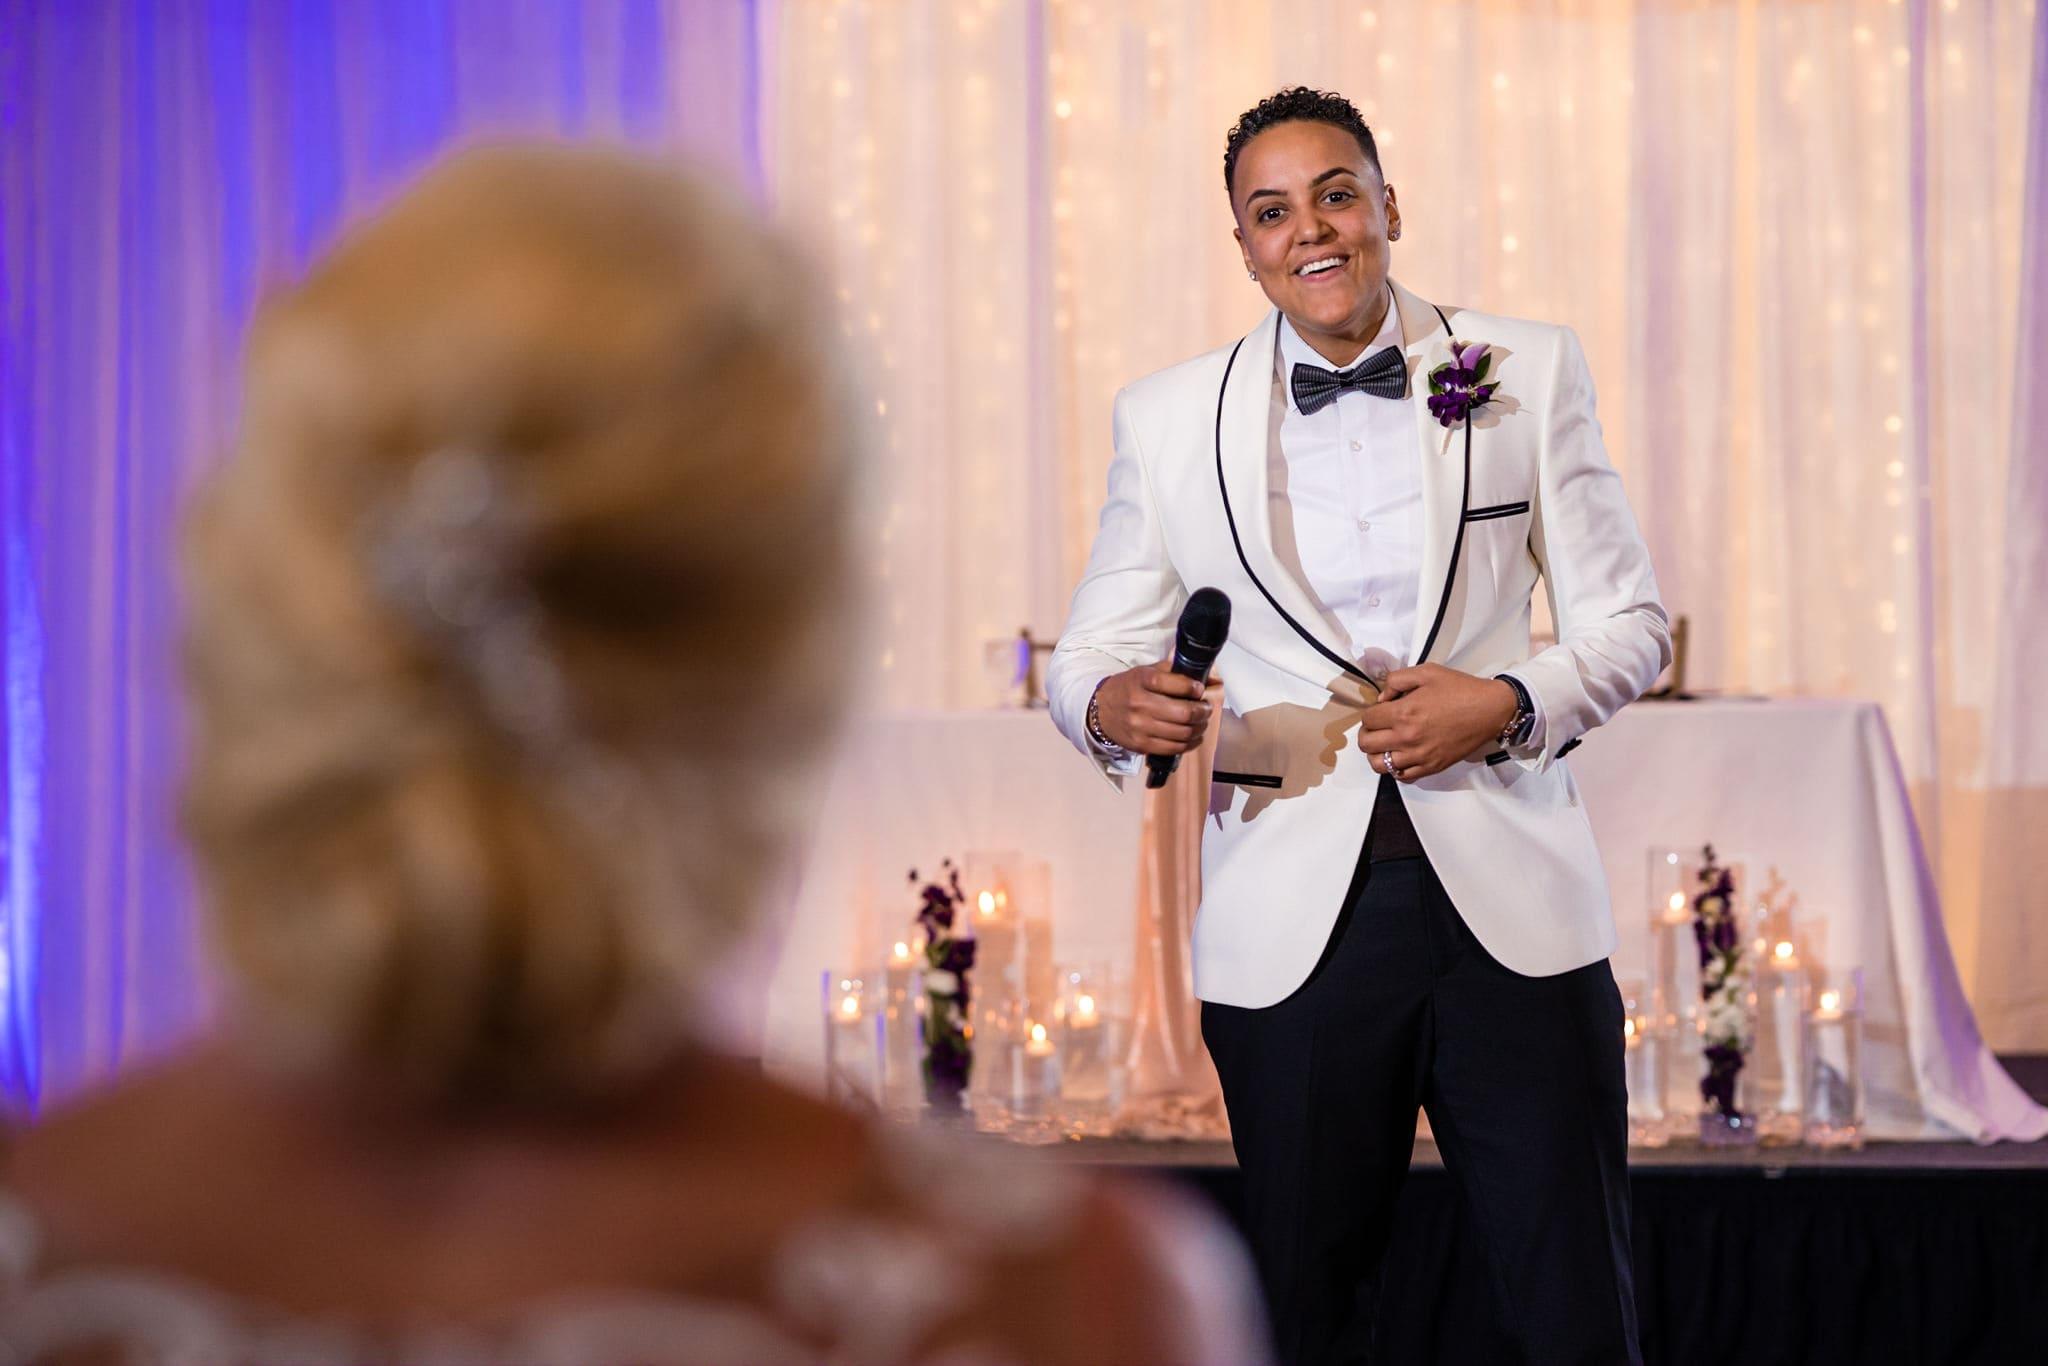 Bride sings to bride at wedding